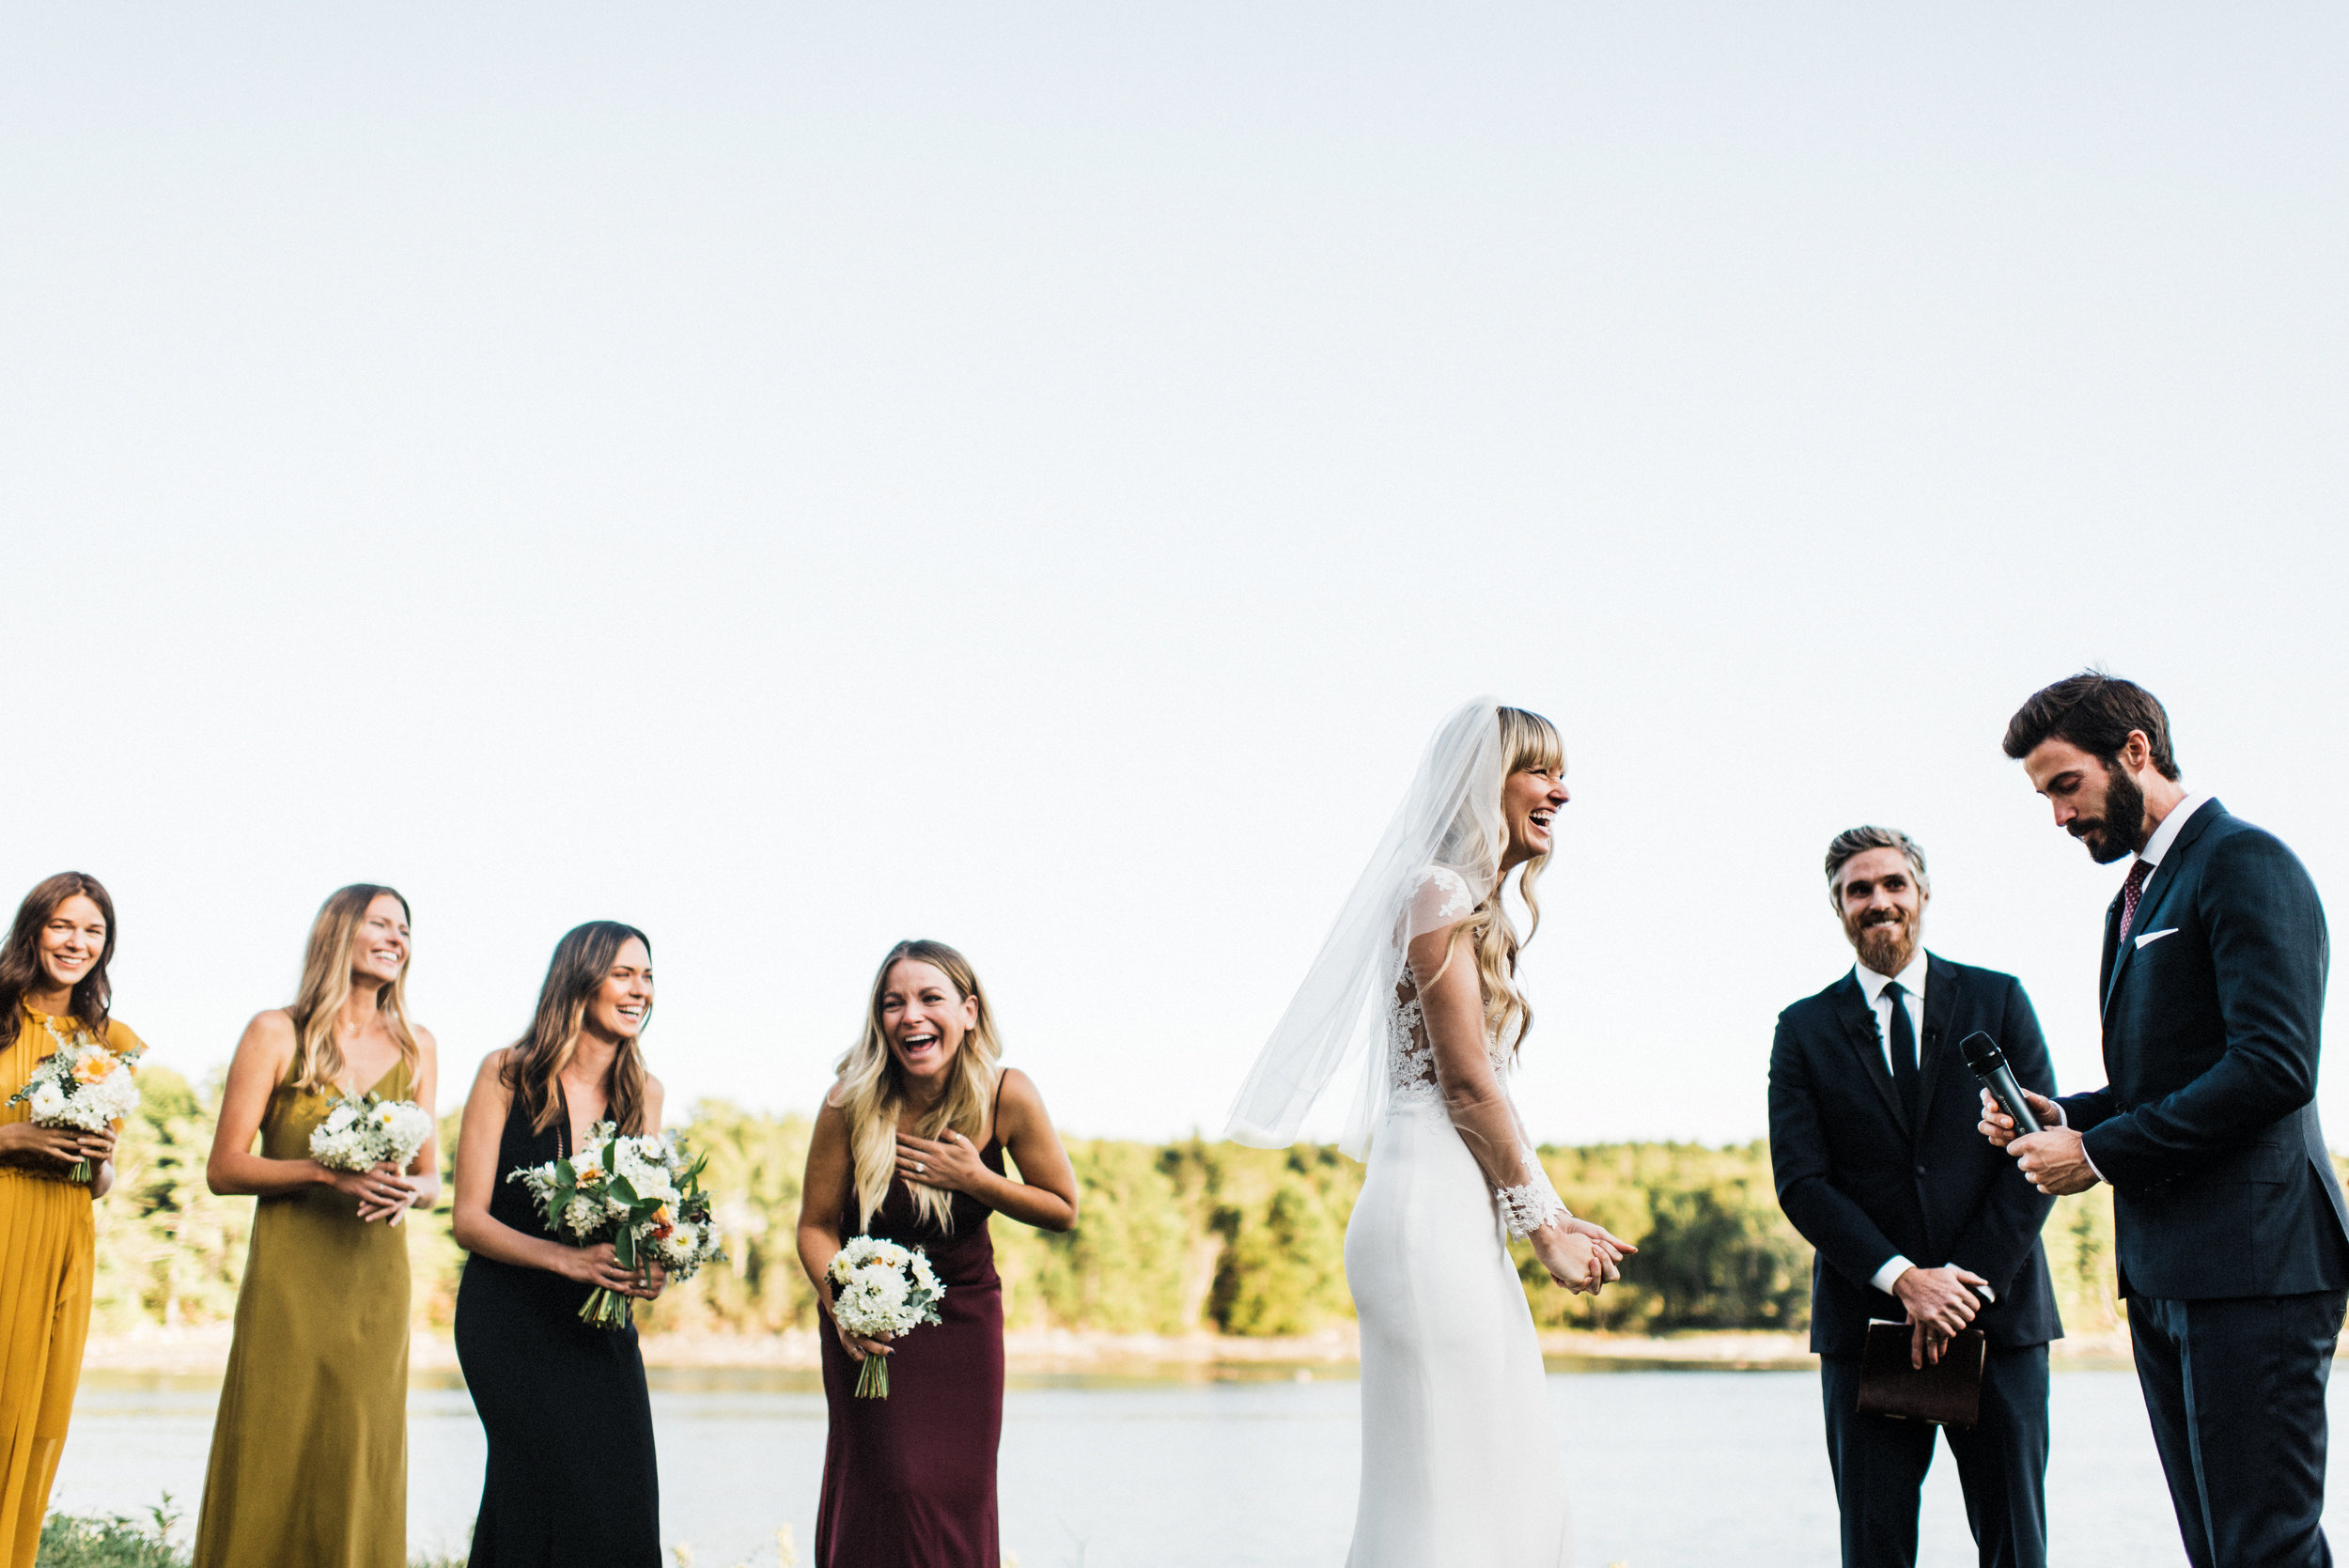 WeddingPohotographer-1869.jpg